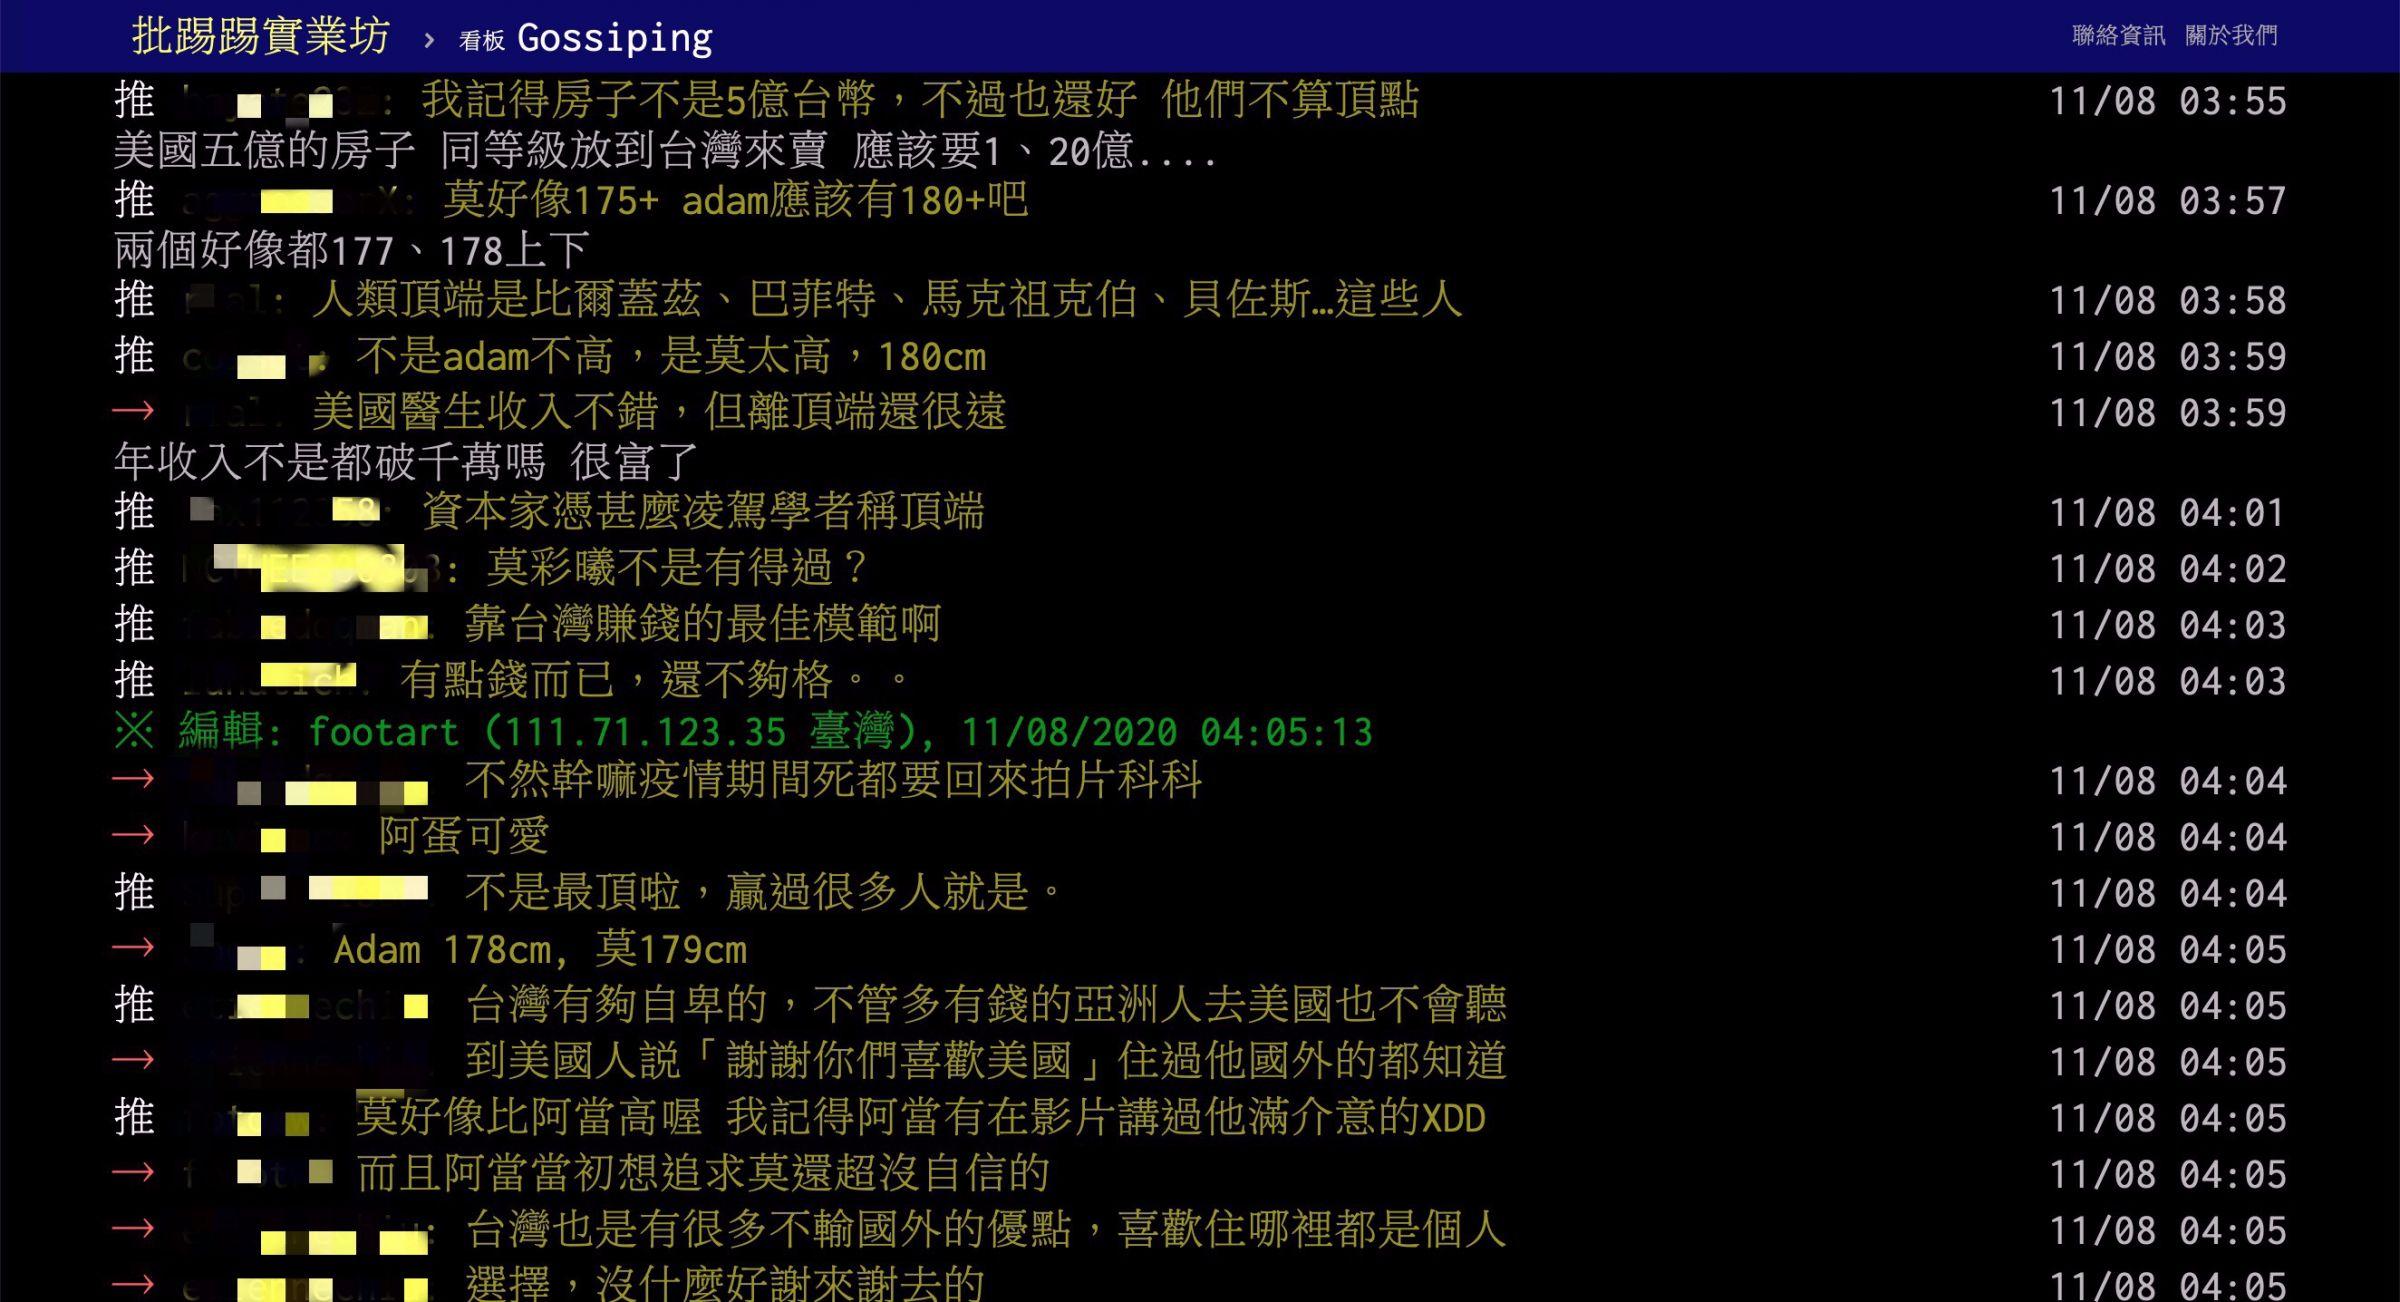 台灣外國YTR她最紅?網問莫彩曦爆紅原因 神人列「三點」專業點評